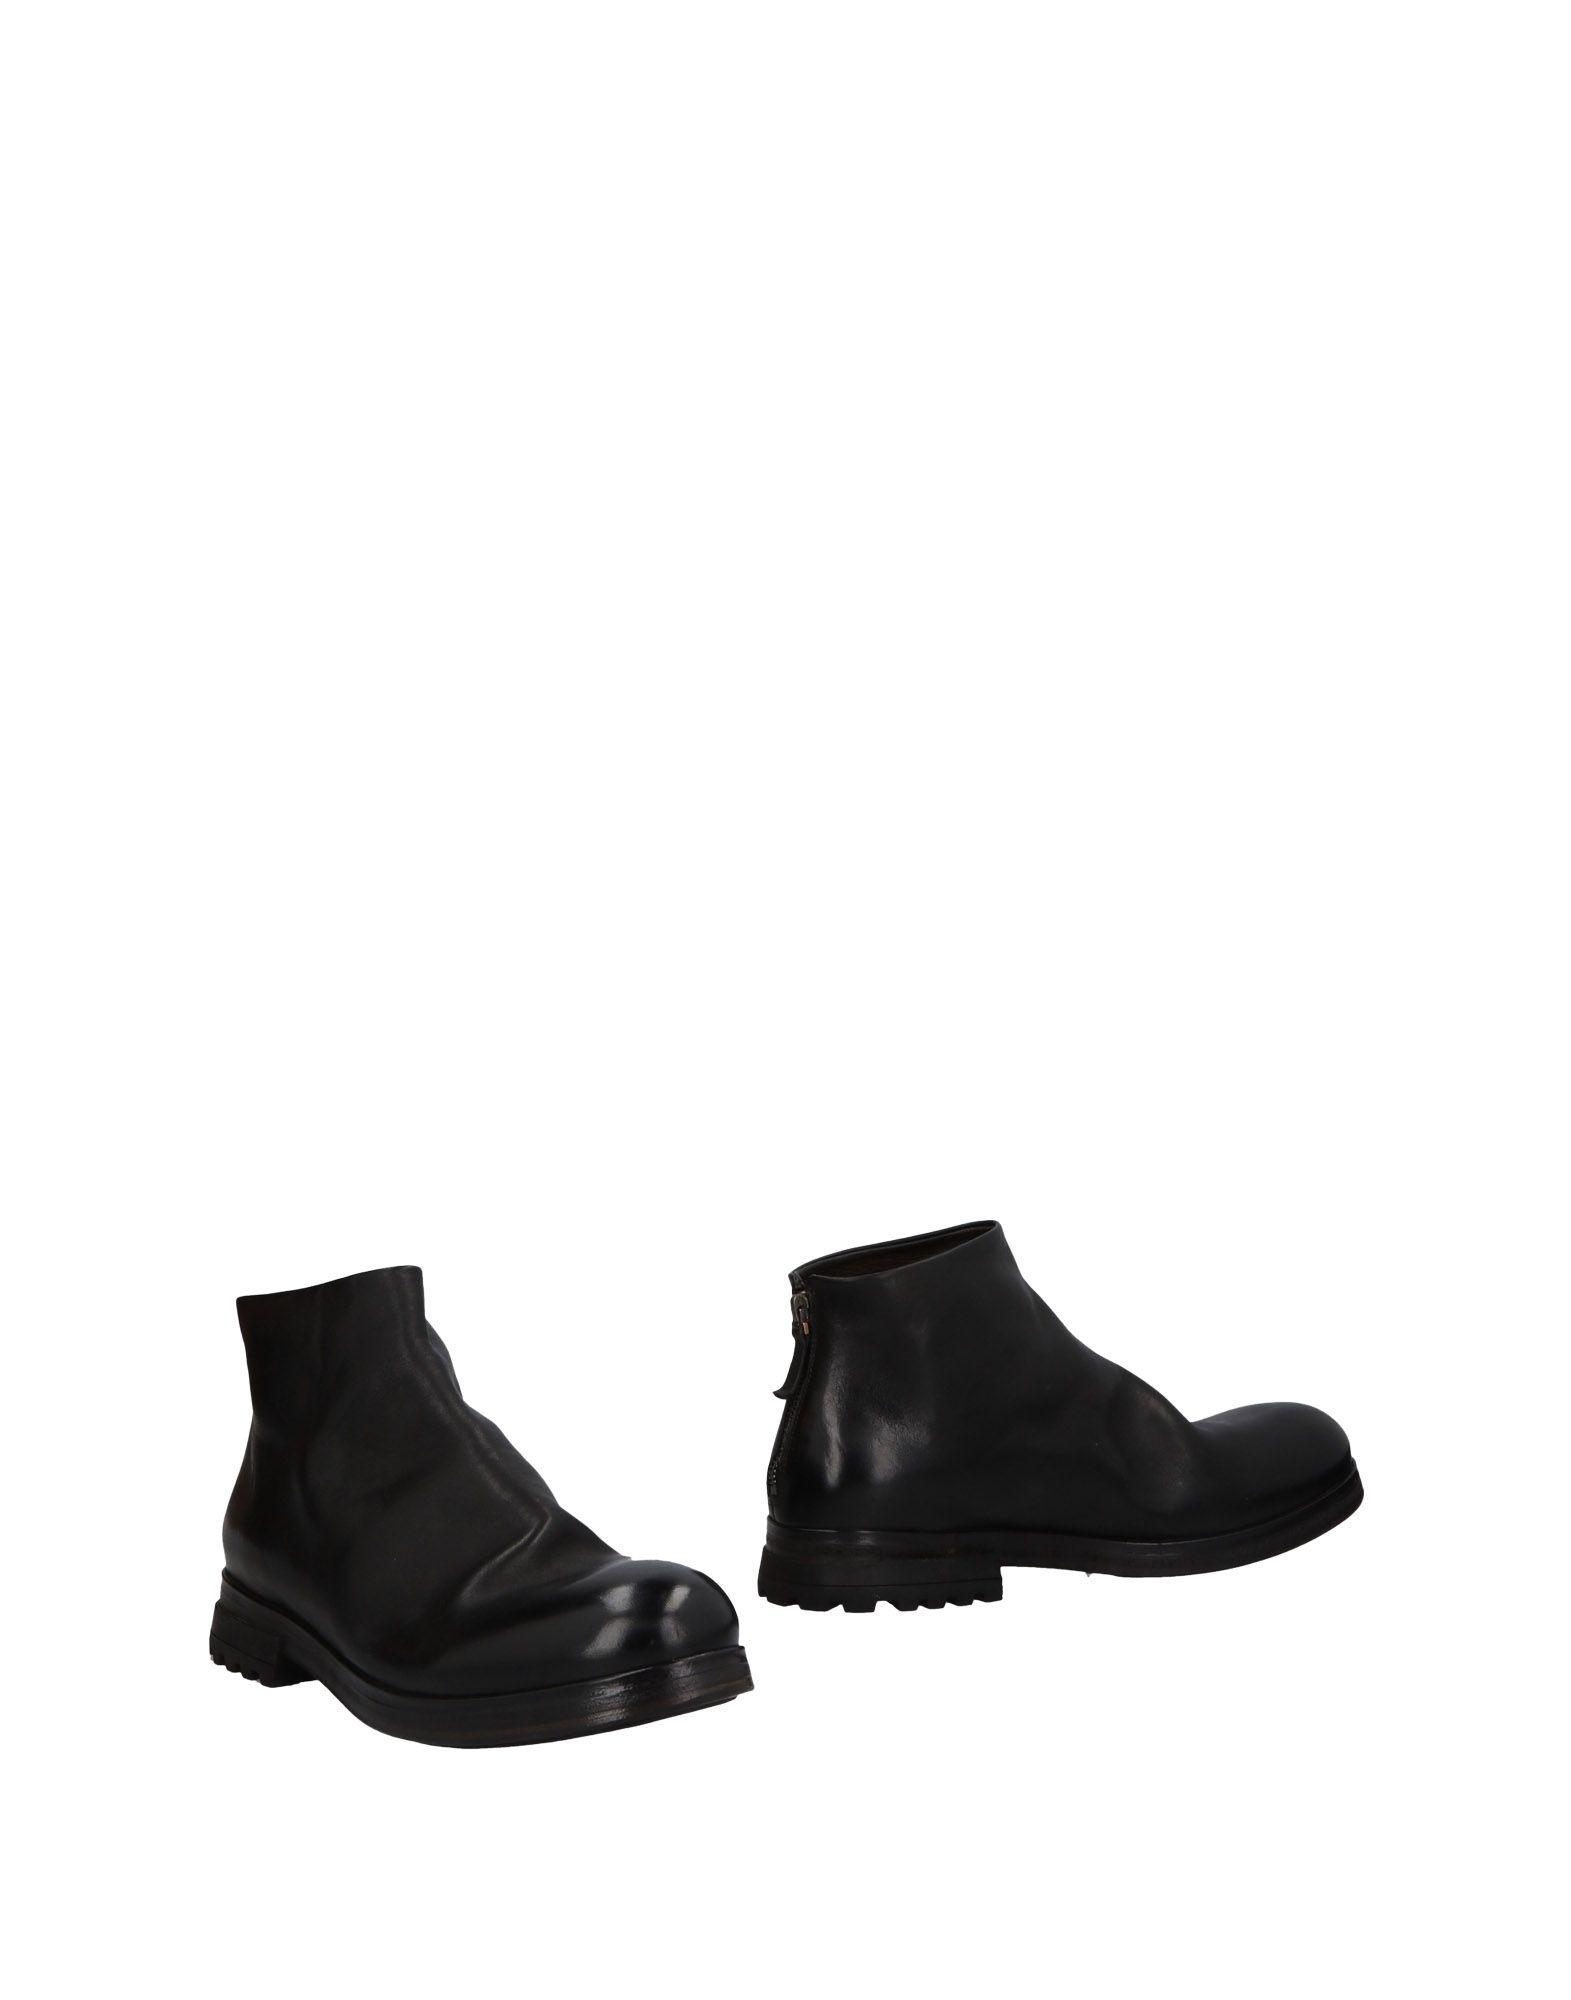 Marsèll Gute Stiefelette Herren  11477525VO Gute Marsèll Qualität beliebte Schuhe a2774f